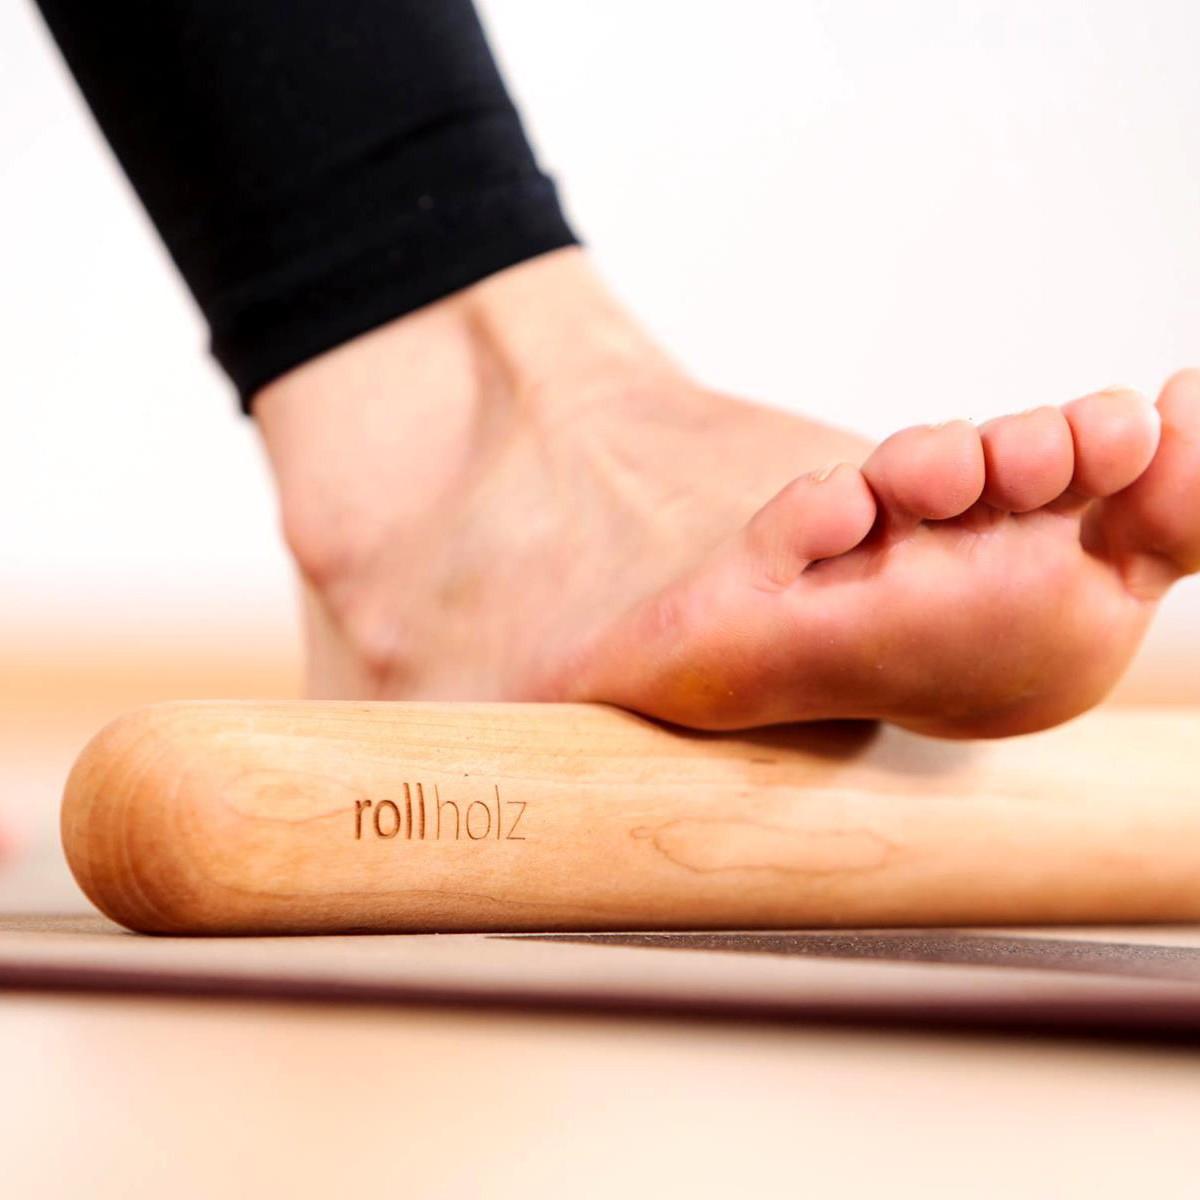 rollholz – Minirolle aus Holz für punktuelle Massage von Füßen, Arme & Beine